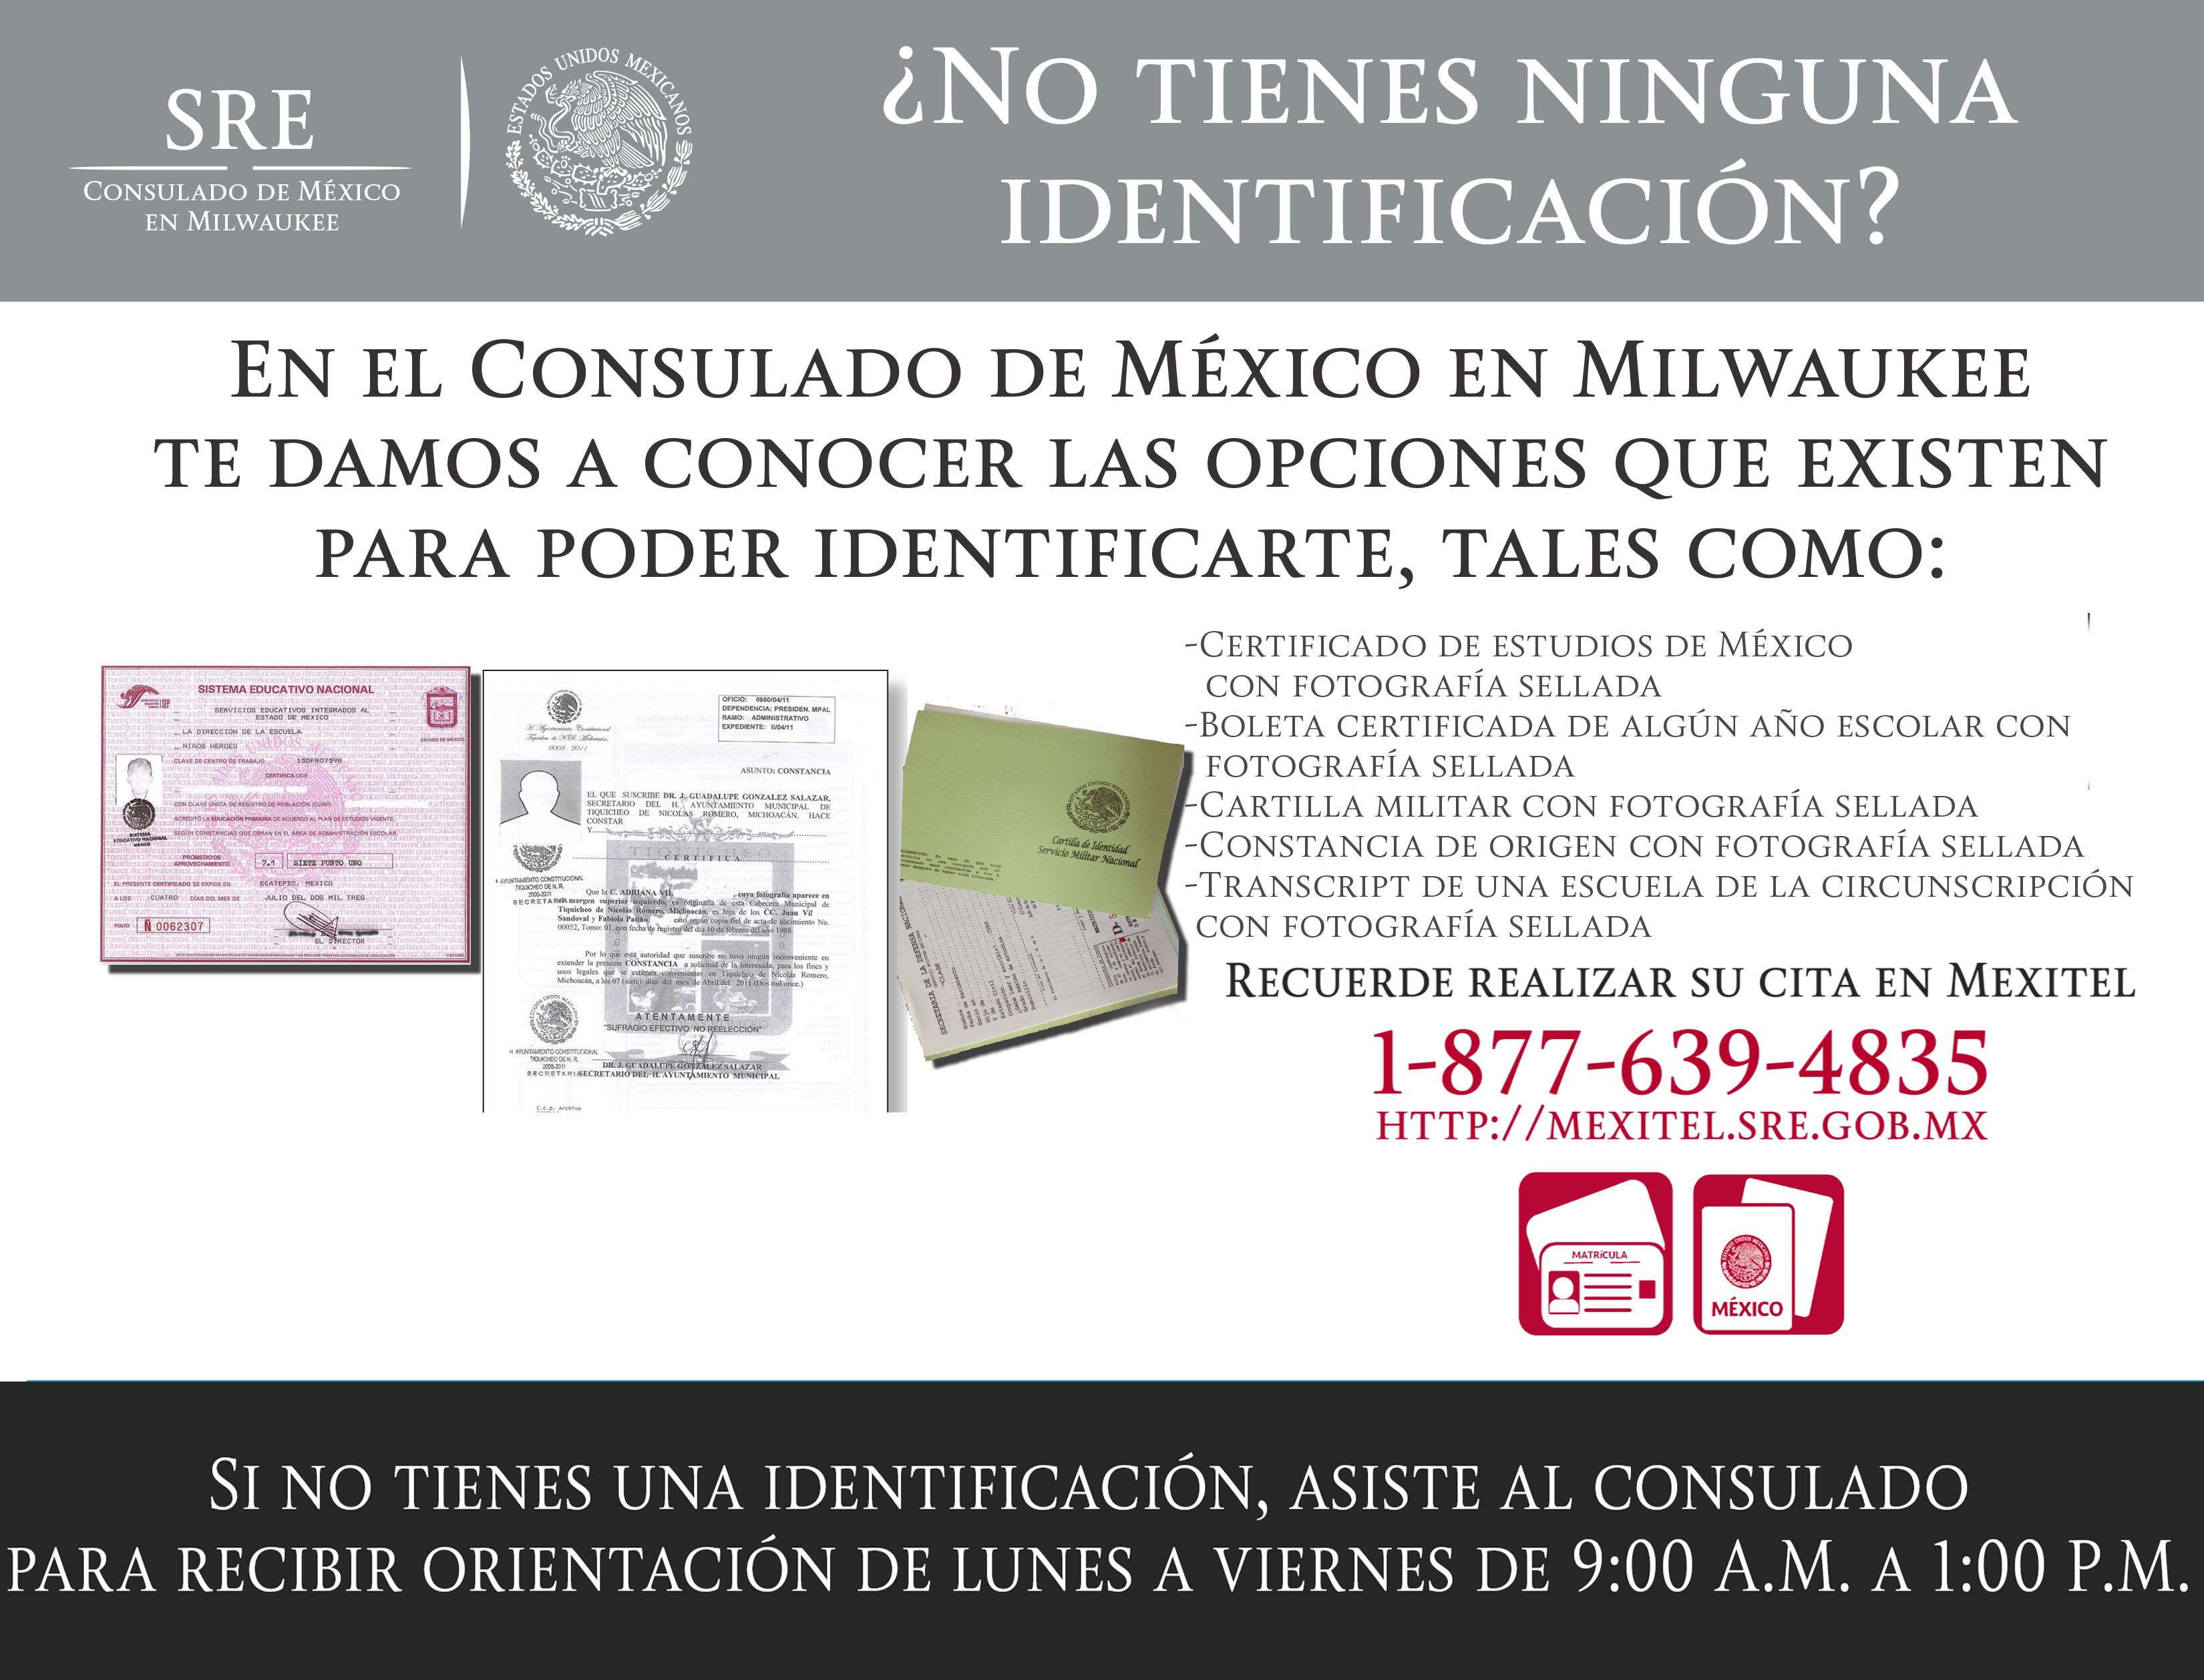 Consulado de México en Milwaukee